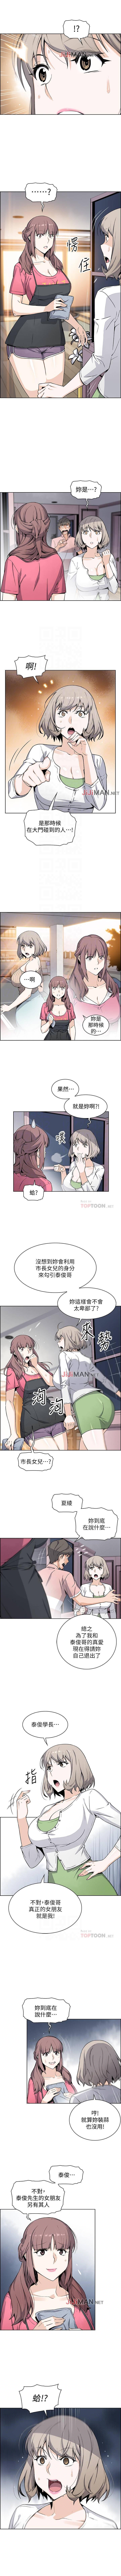 【周四连载】前女友变女佣(作者:PAPER&頸枕) 第1~33话 218